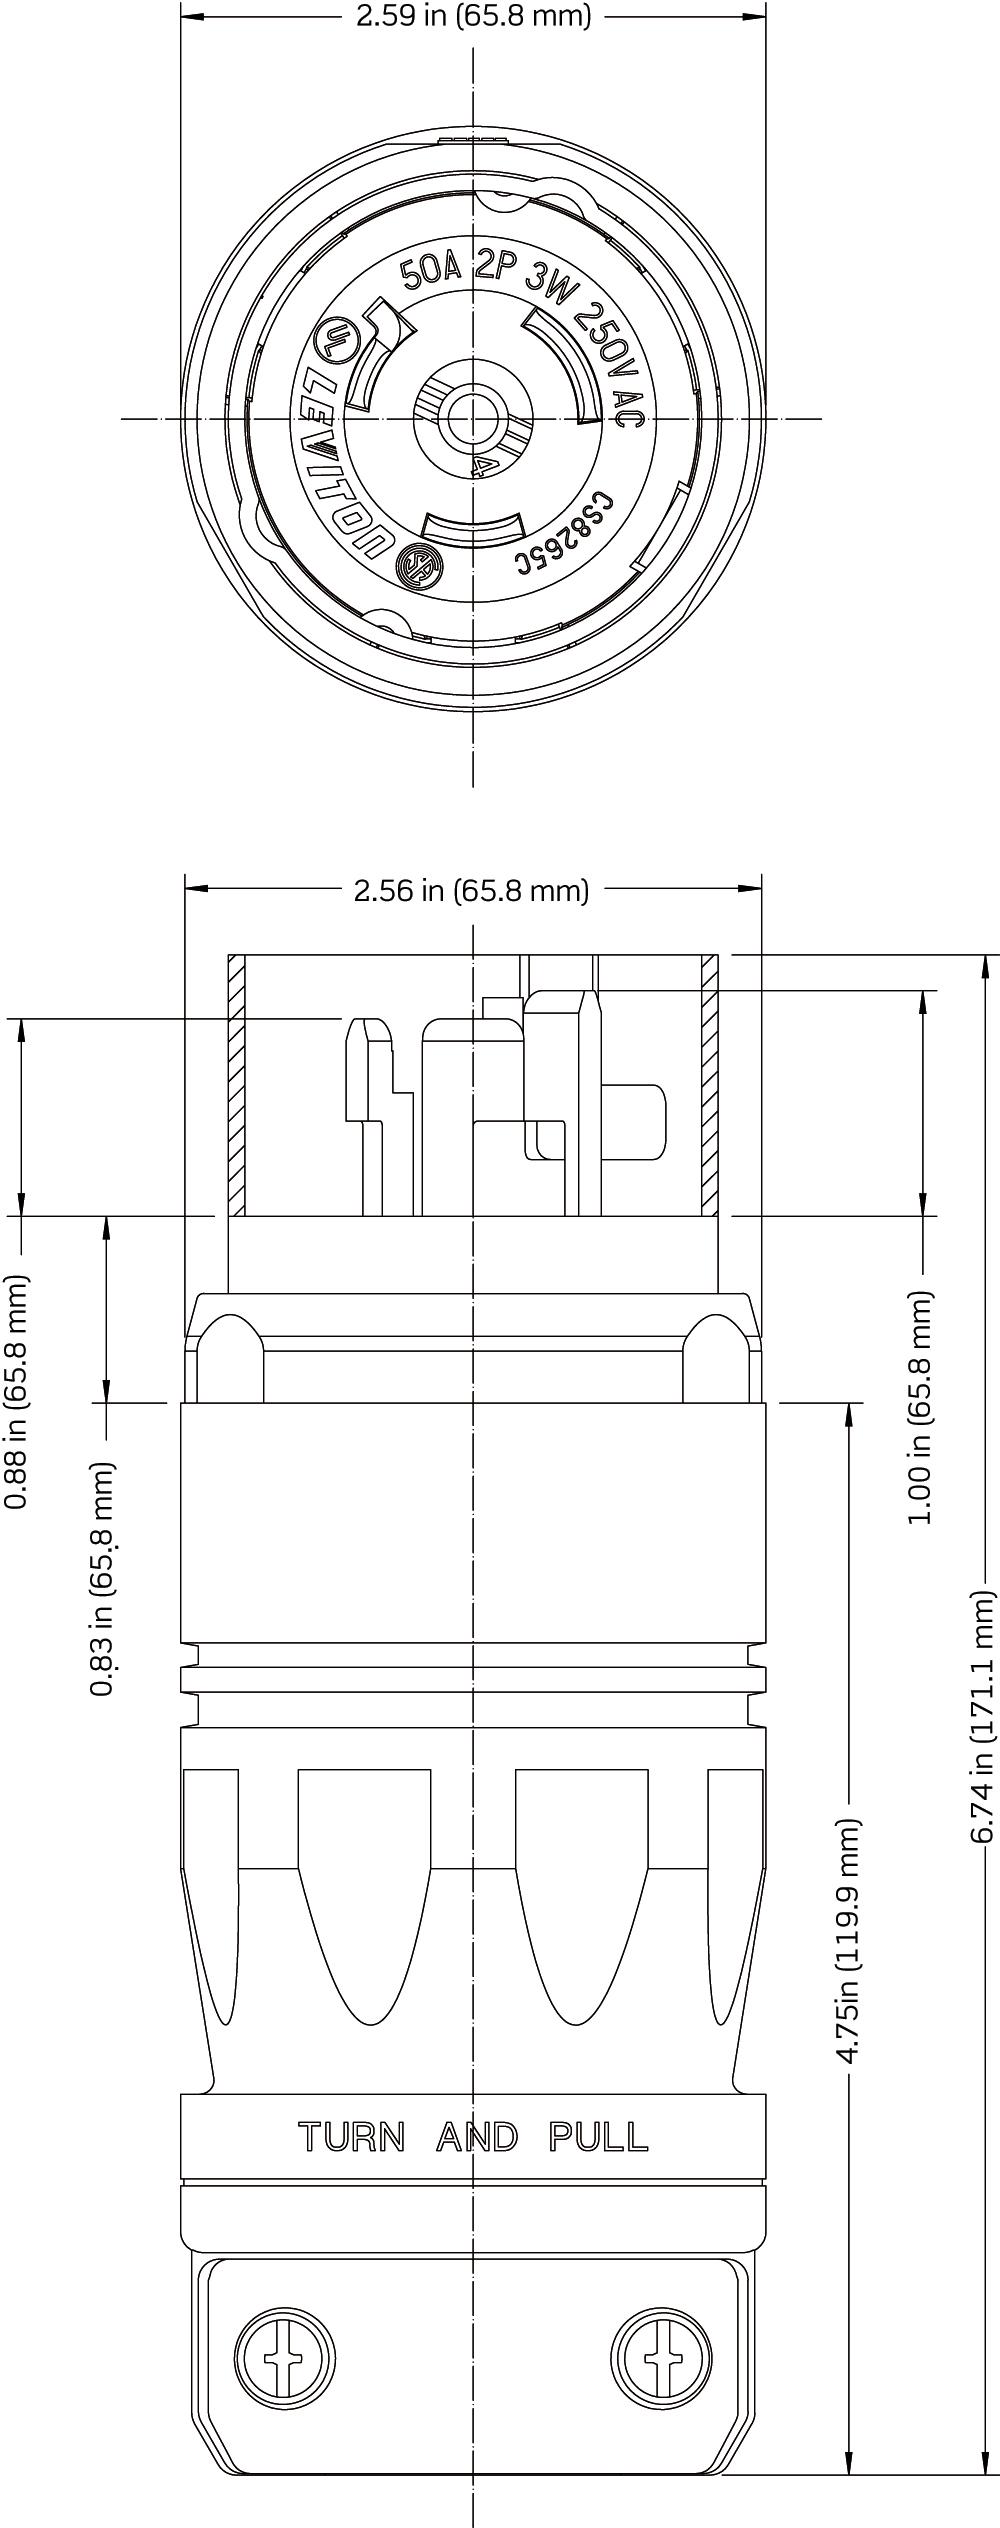 Großartig Mehrkessel Rohrleitungsdiagramm Bilder - Der Schaltplan ...